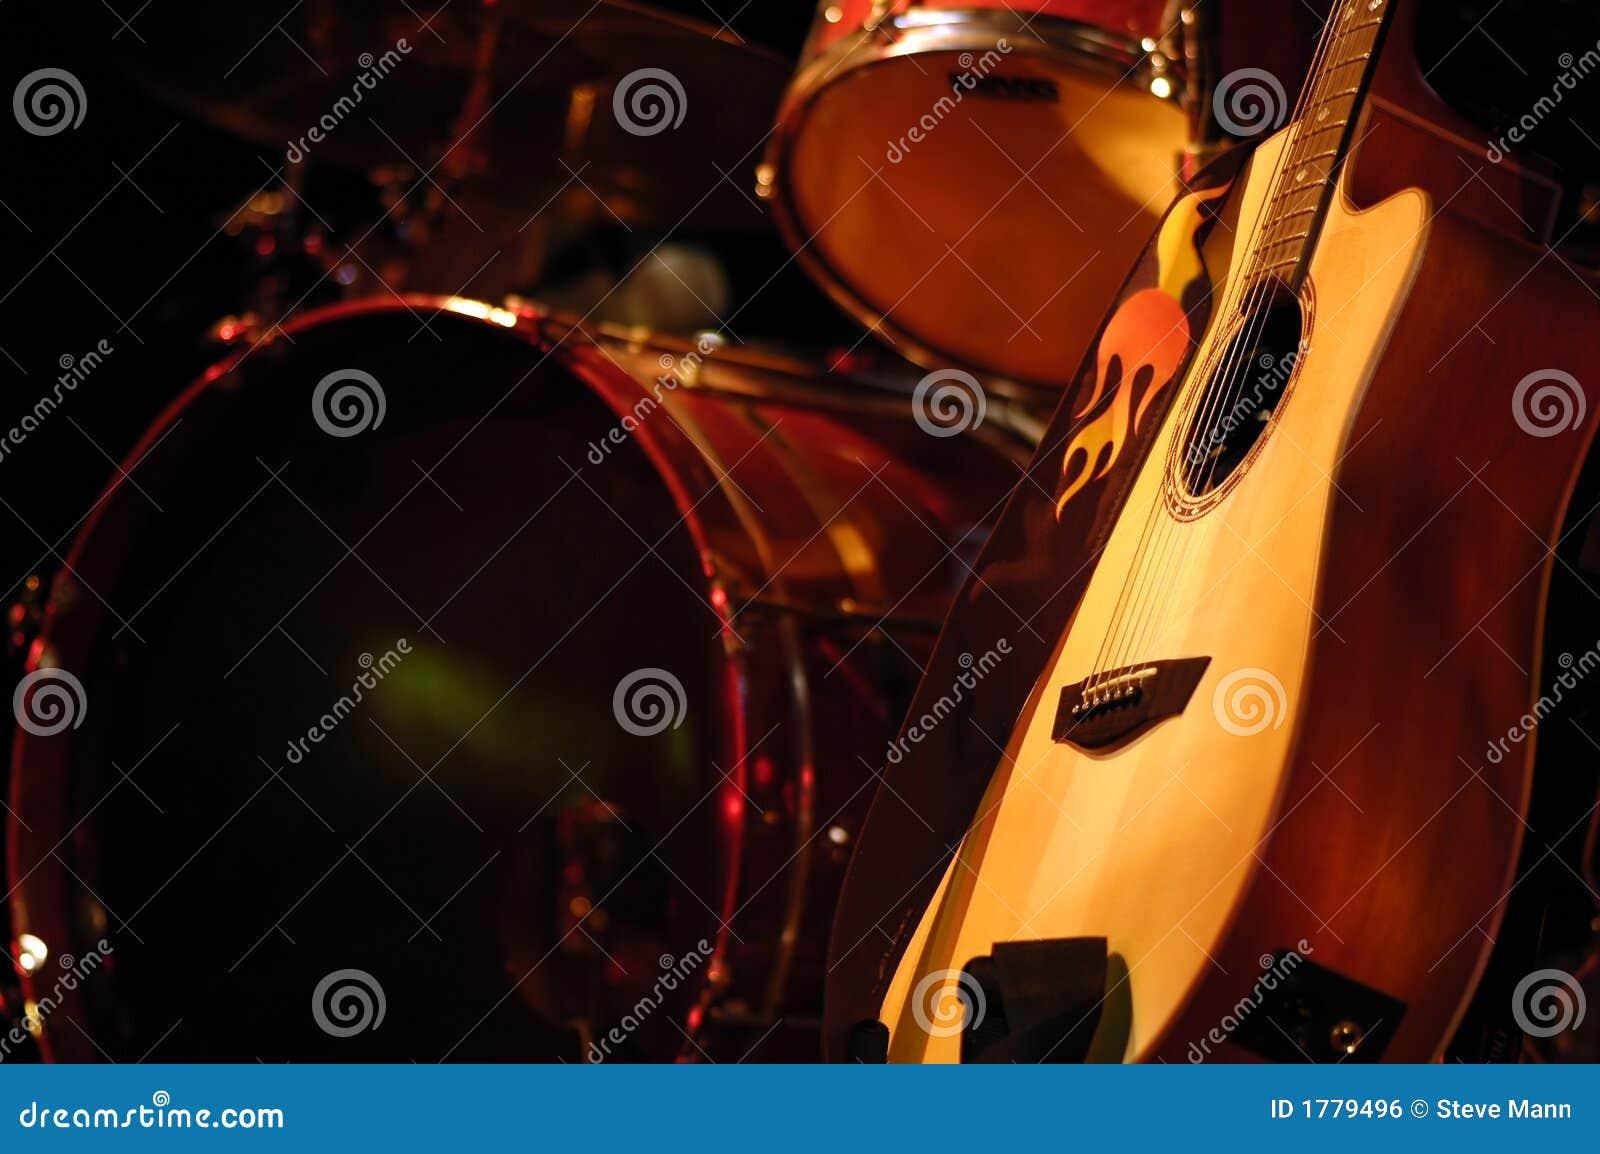 Drum And Guitar